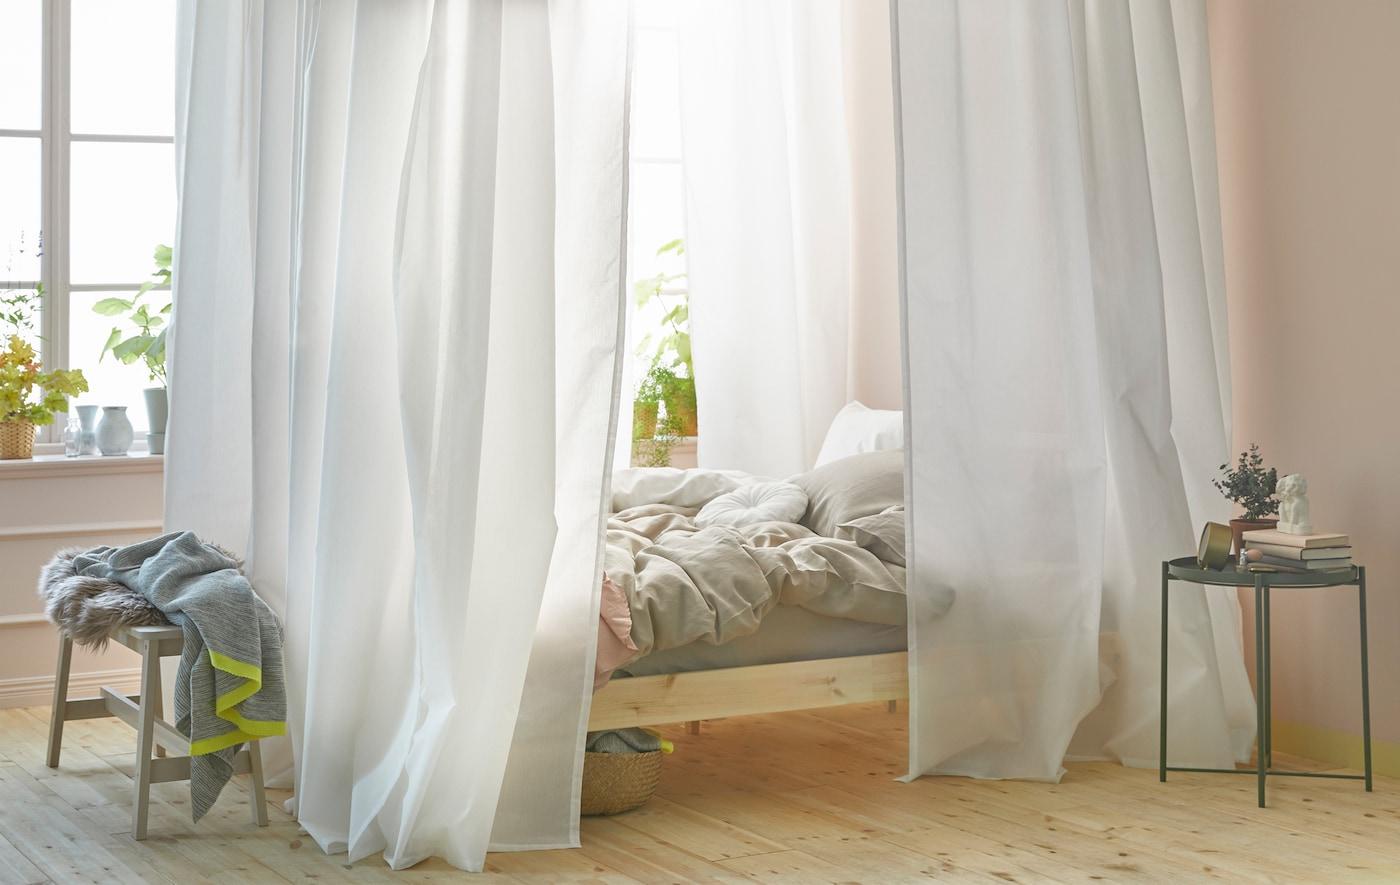 Full Size of Schlafzimmer Gardinen Ikea Zweite Und Mehr Set Mit Matratze Lattenrost Kommode Für Die Küche Teppich Deckenleuchte Scheibengardinen Rauch Kronleuchter Regal Wohnzimmer Schlafzimmer Gardinen